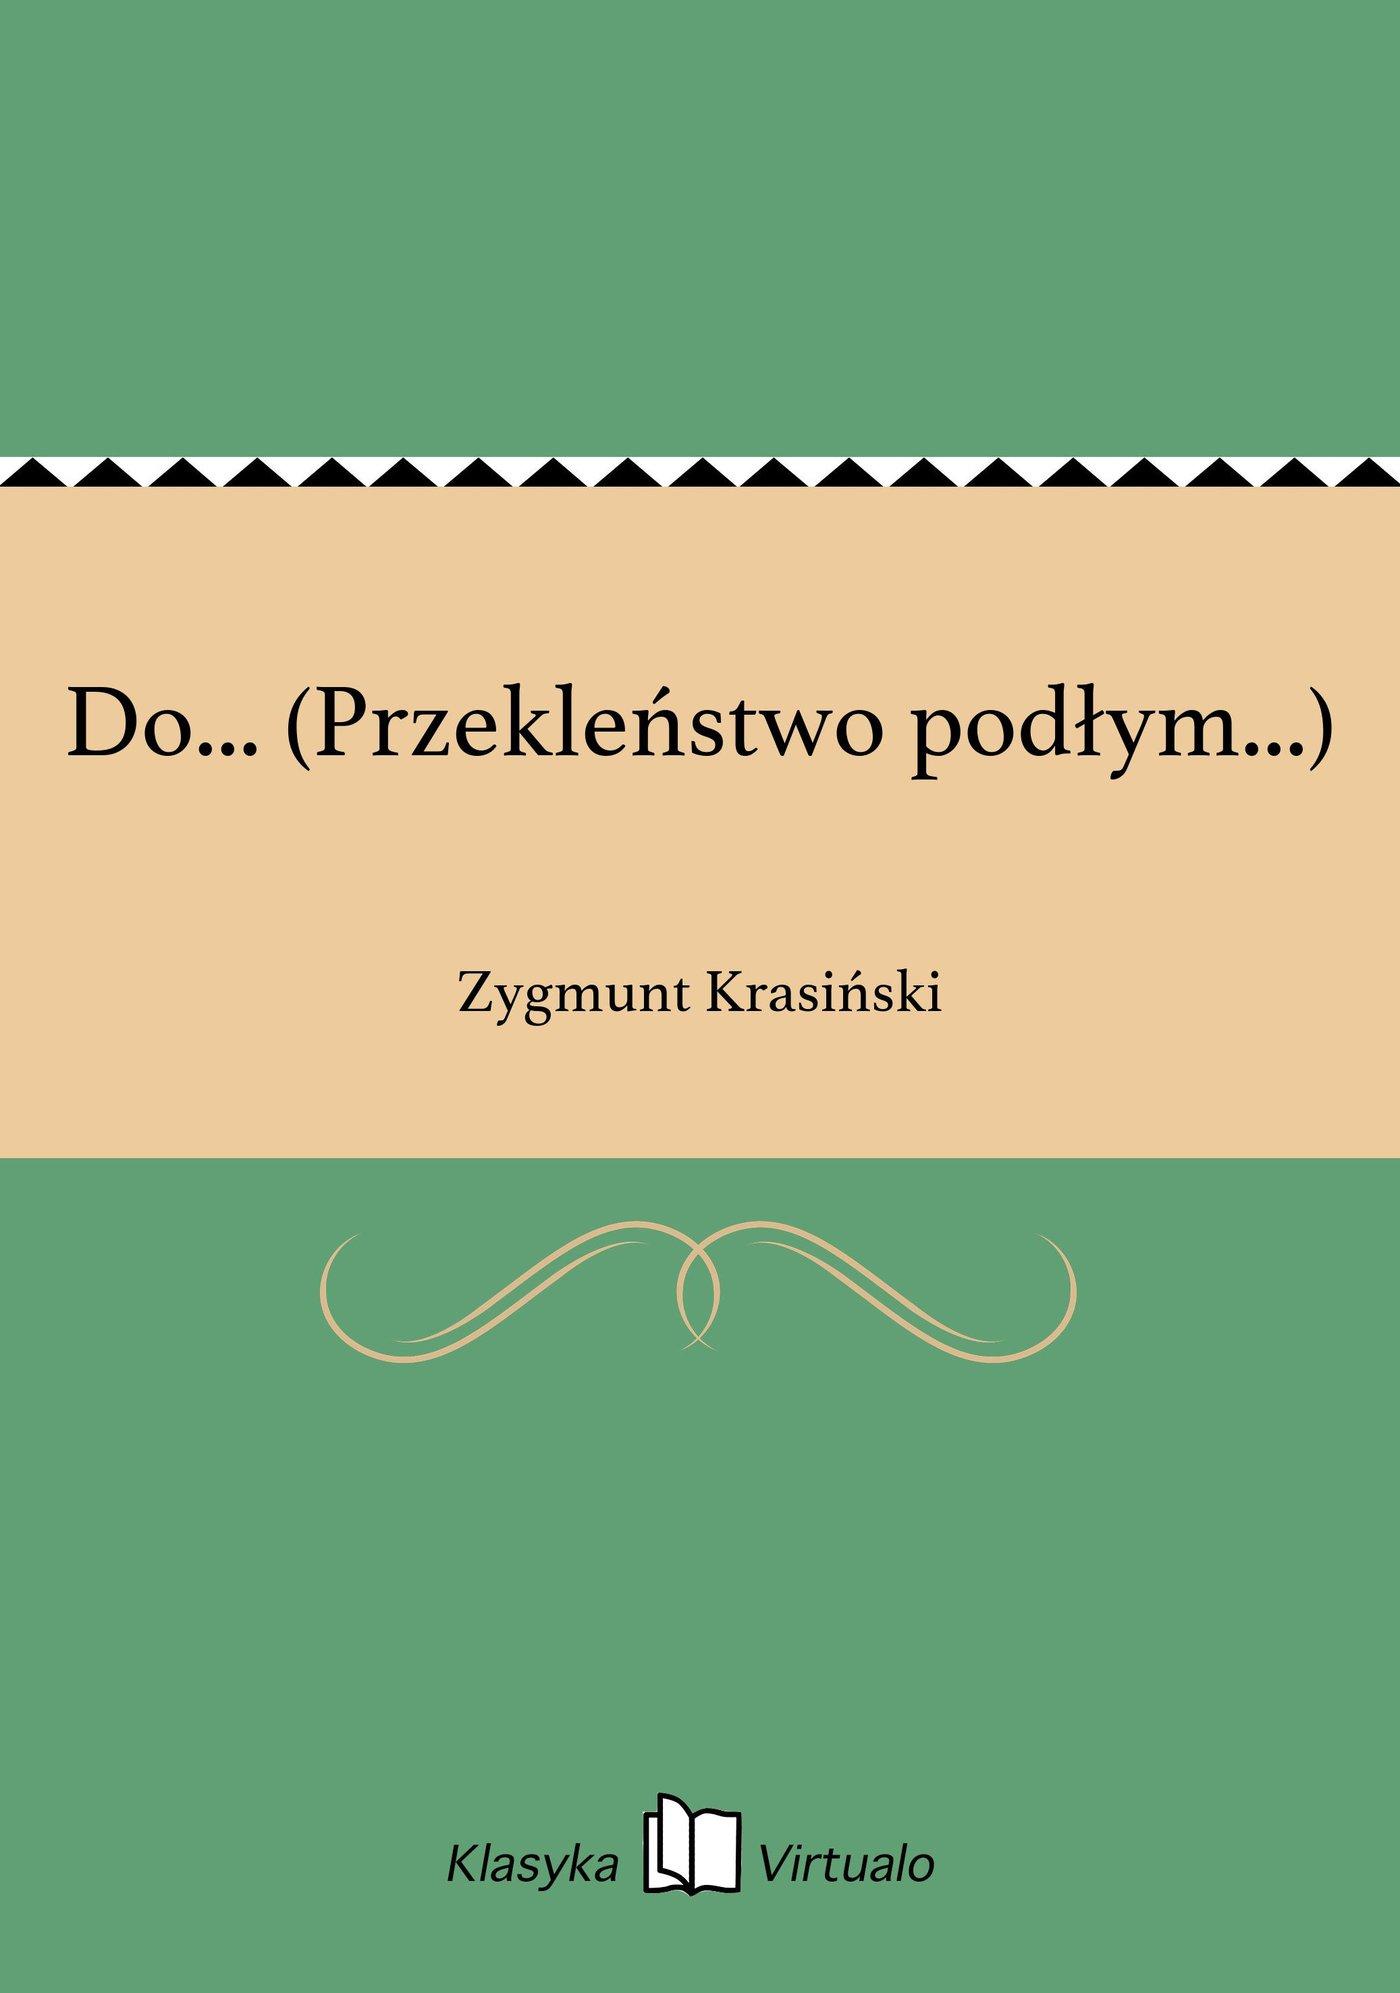 Do... (Przekleństwo podłym...) - Ebook (Książka EPUB) do pobrania w formacie EPUB